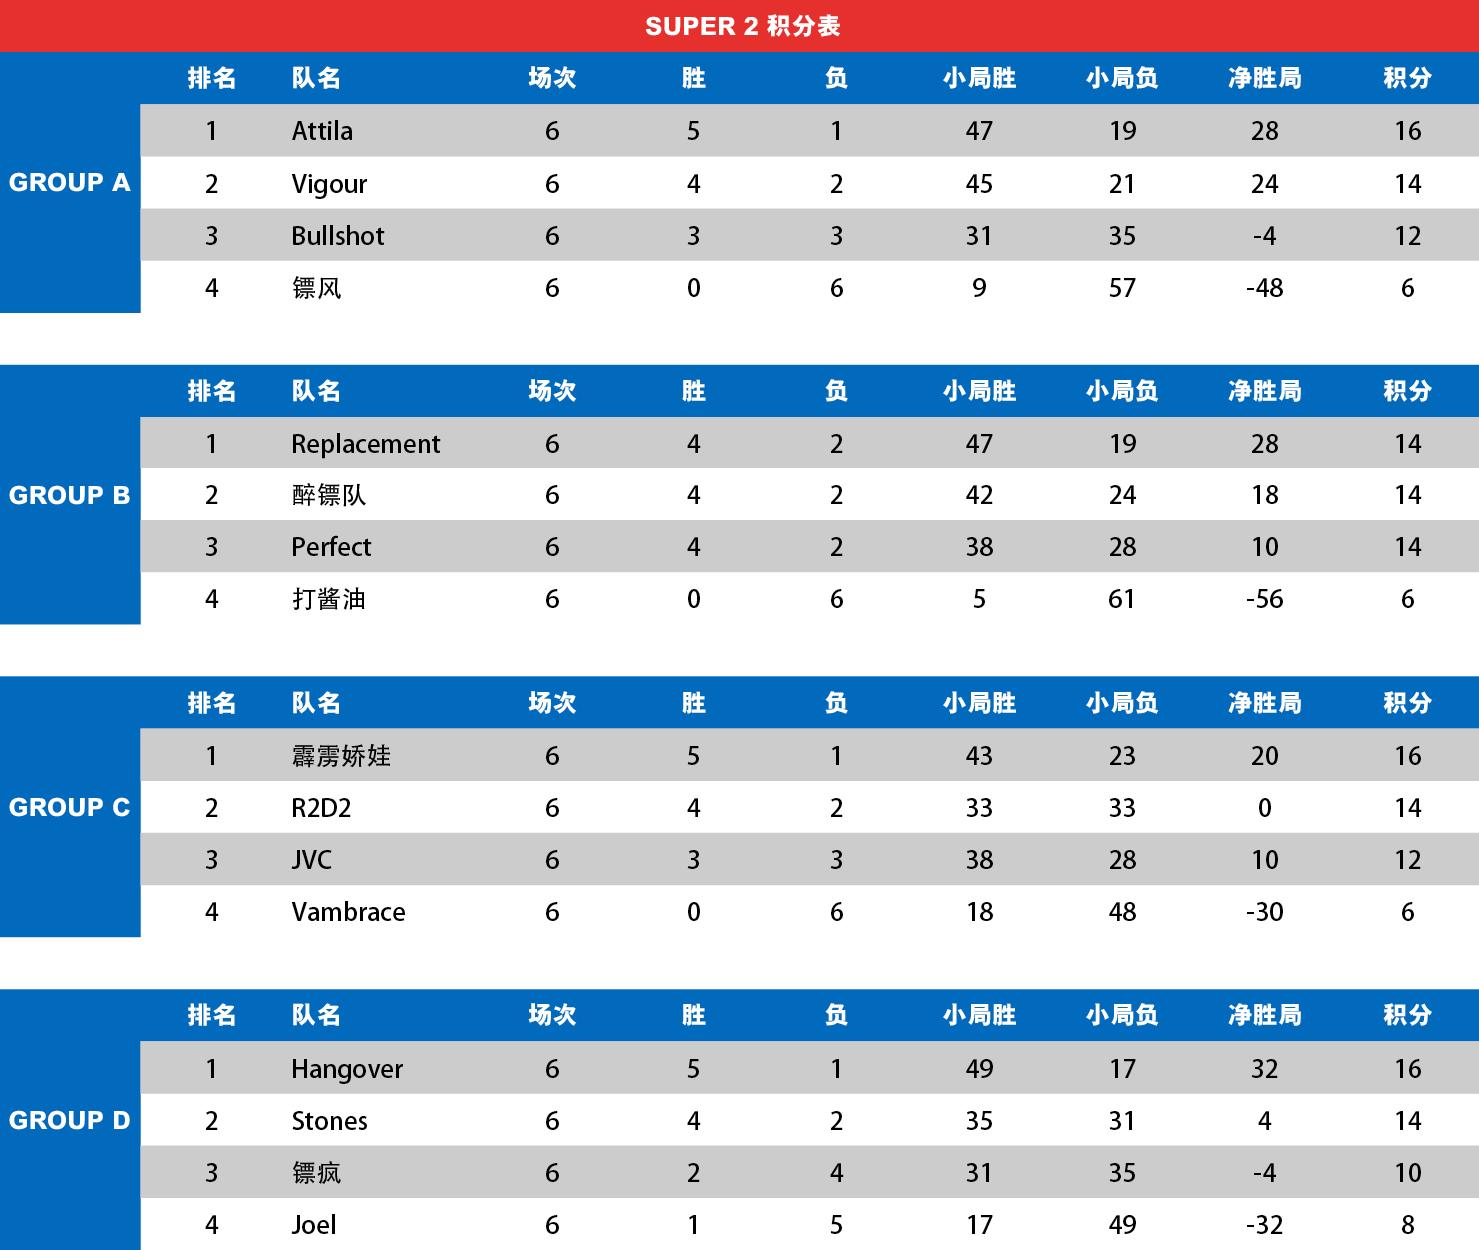 super2_table_week6.jpg